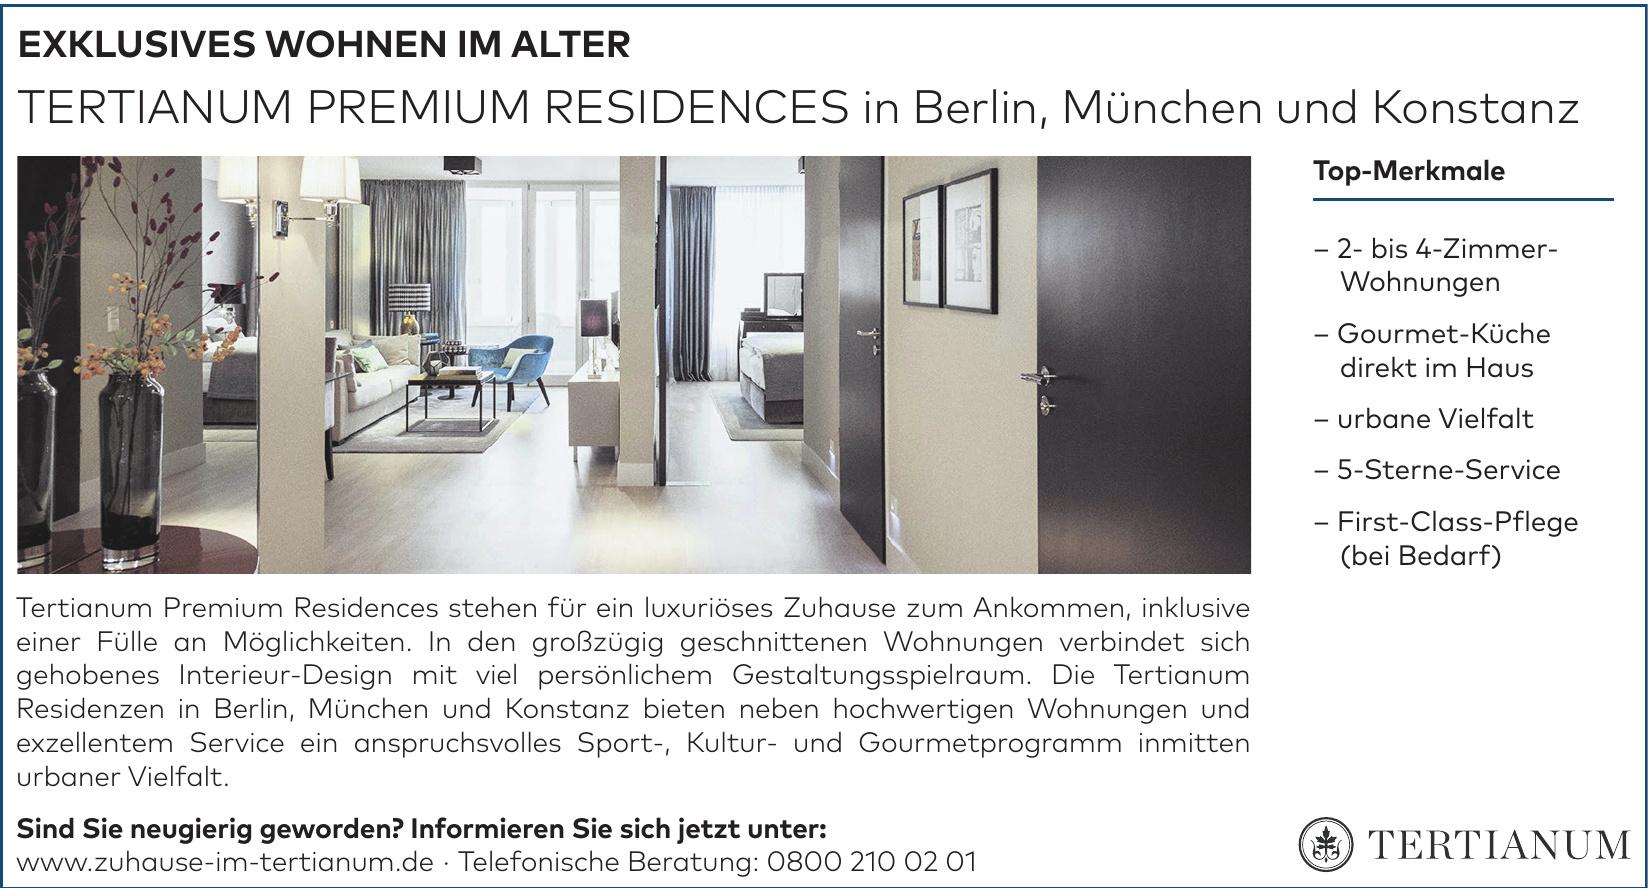 Tertianum Premium Residences